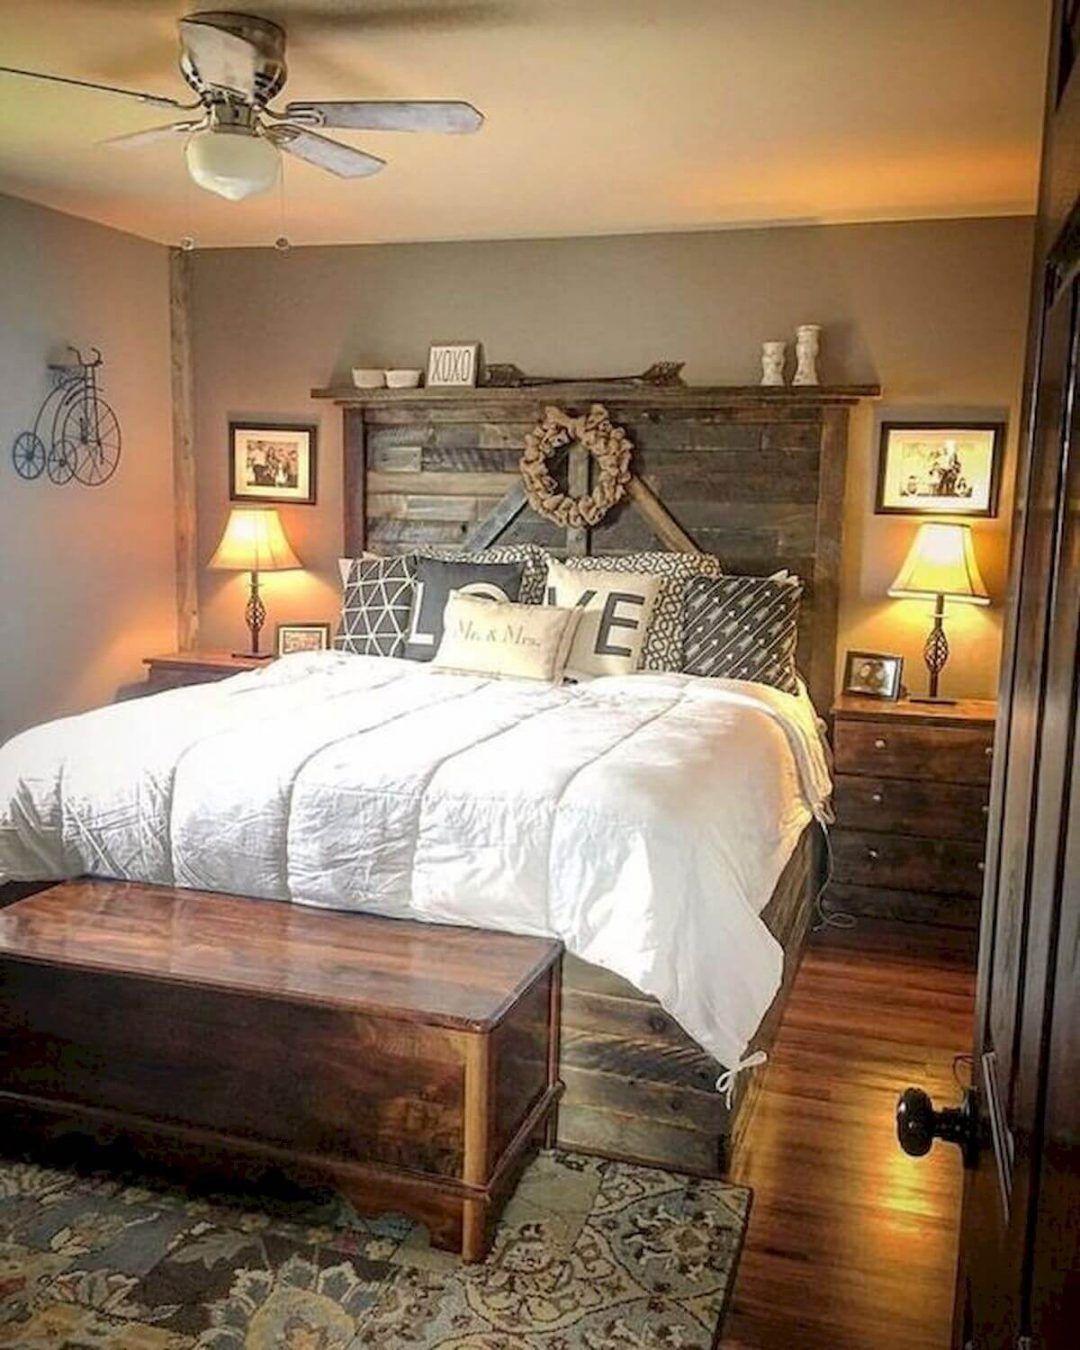 25 Inviting And Cozy Farmhouse Bedroom (The Visual Treats) - A23